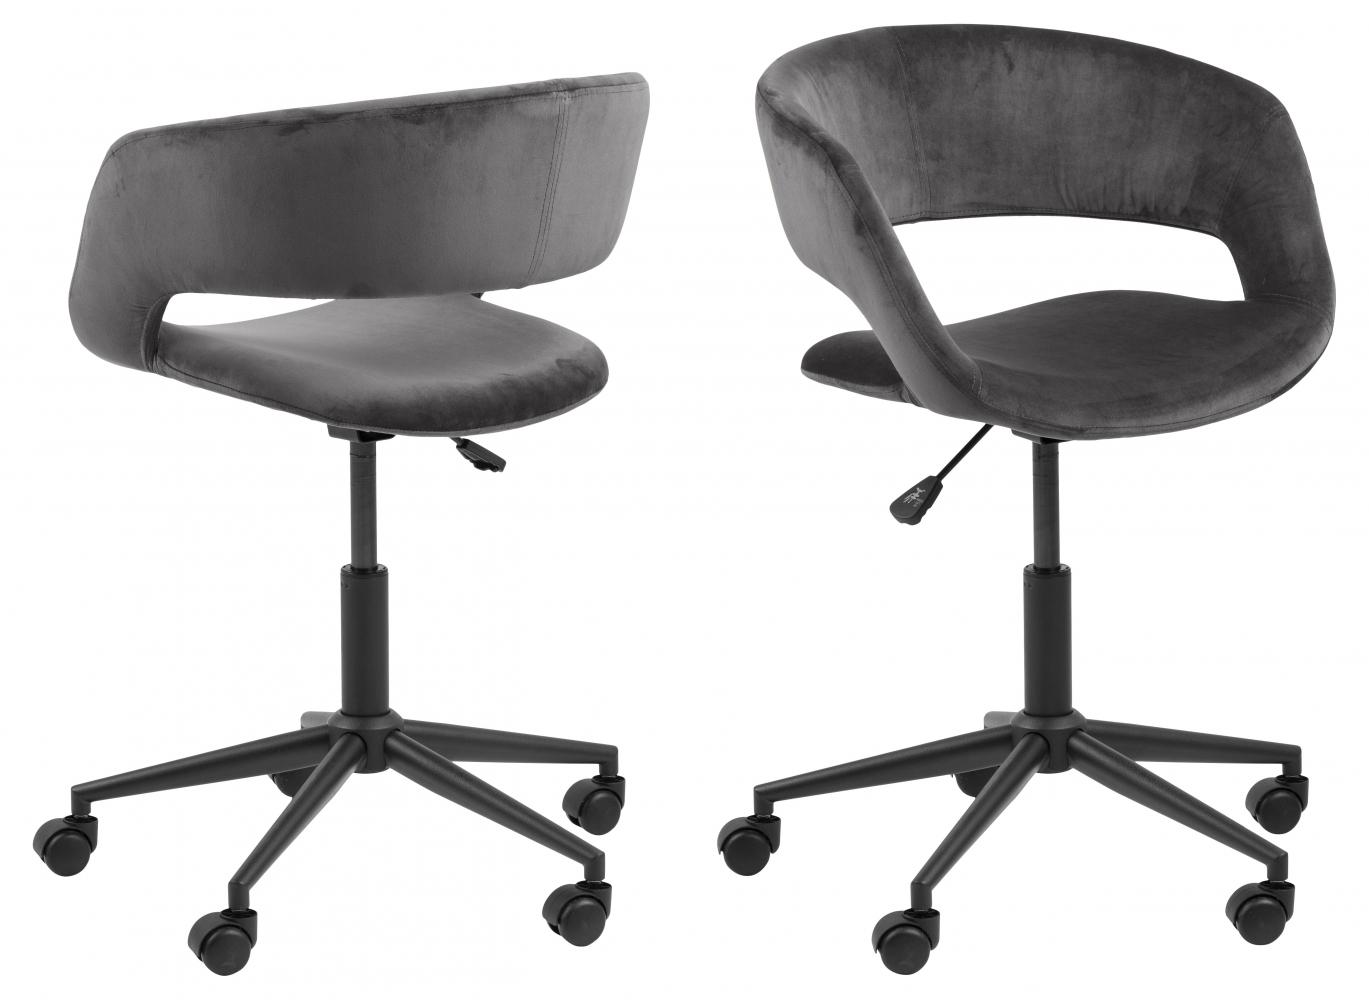 Kanelářská židle Grace, tkanina, šedá